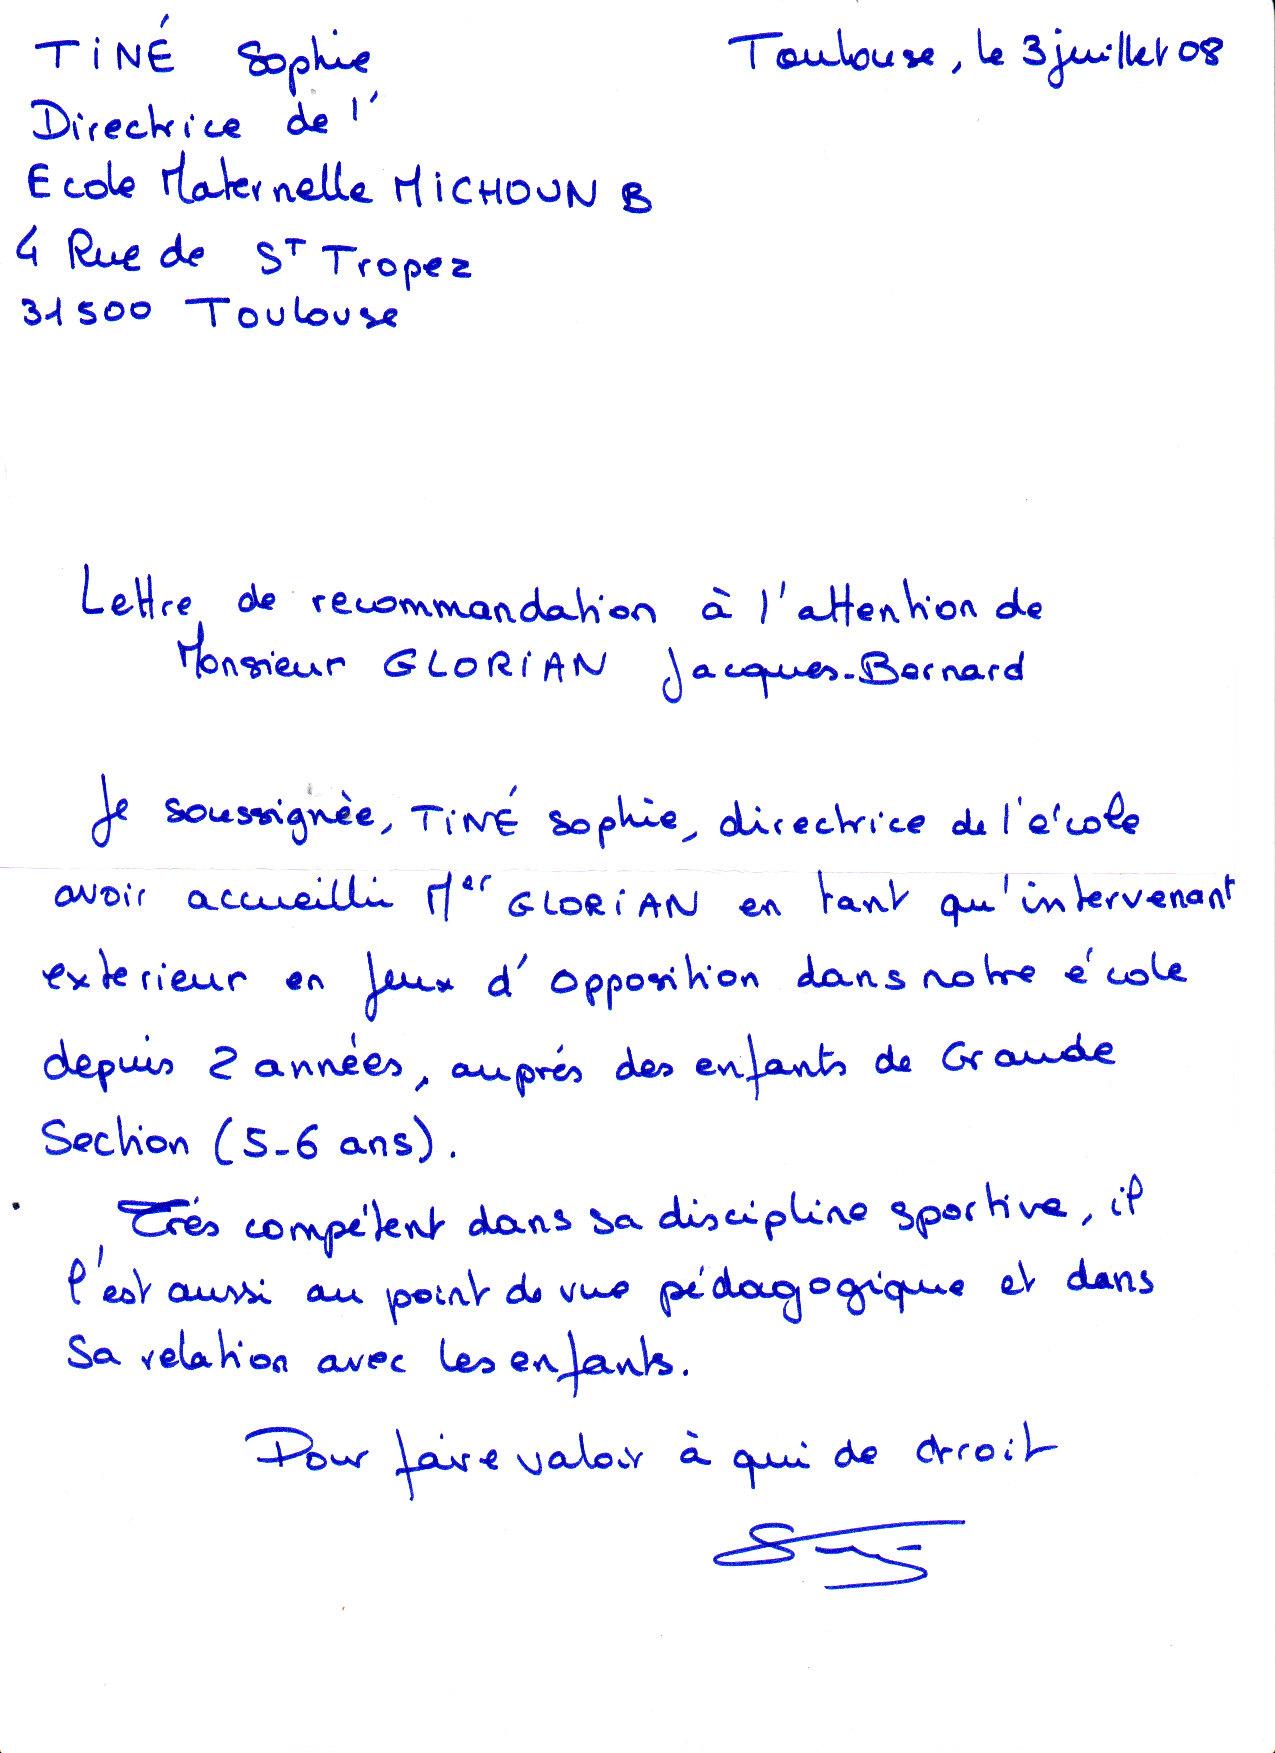 La lettre de recommandation cole maternelle michoun b altavistaventures Image collections